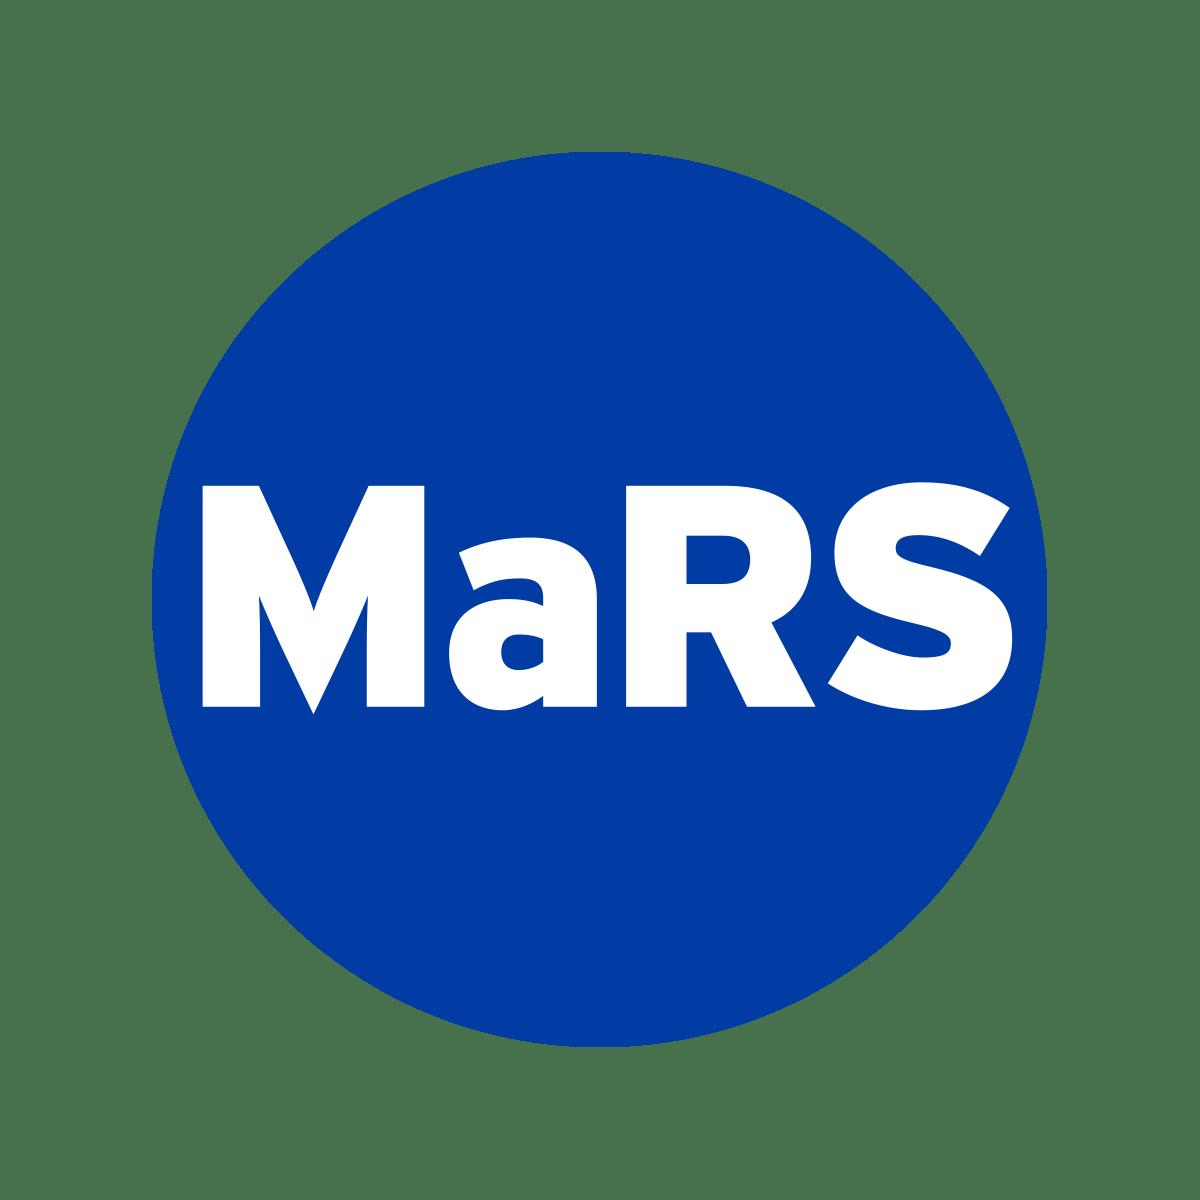 MaRS_logo.png